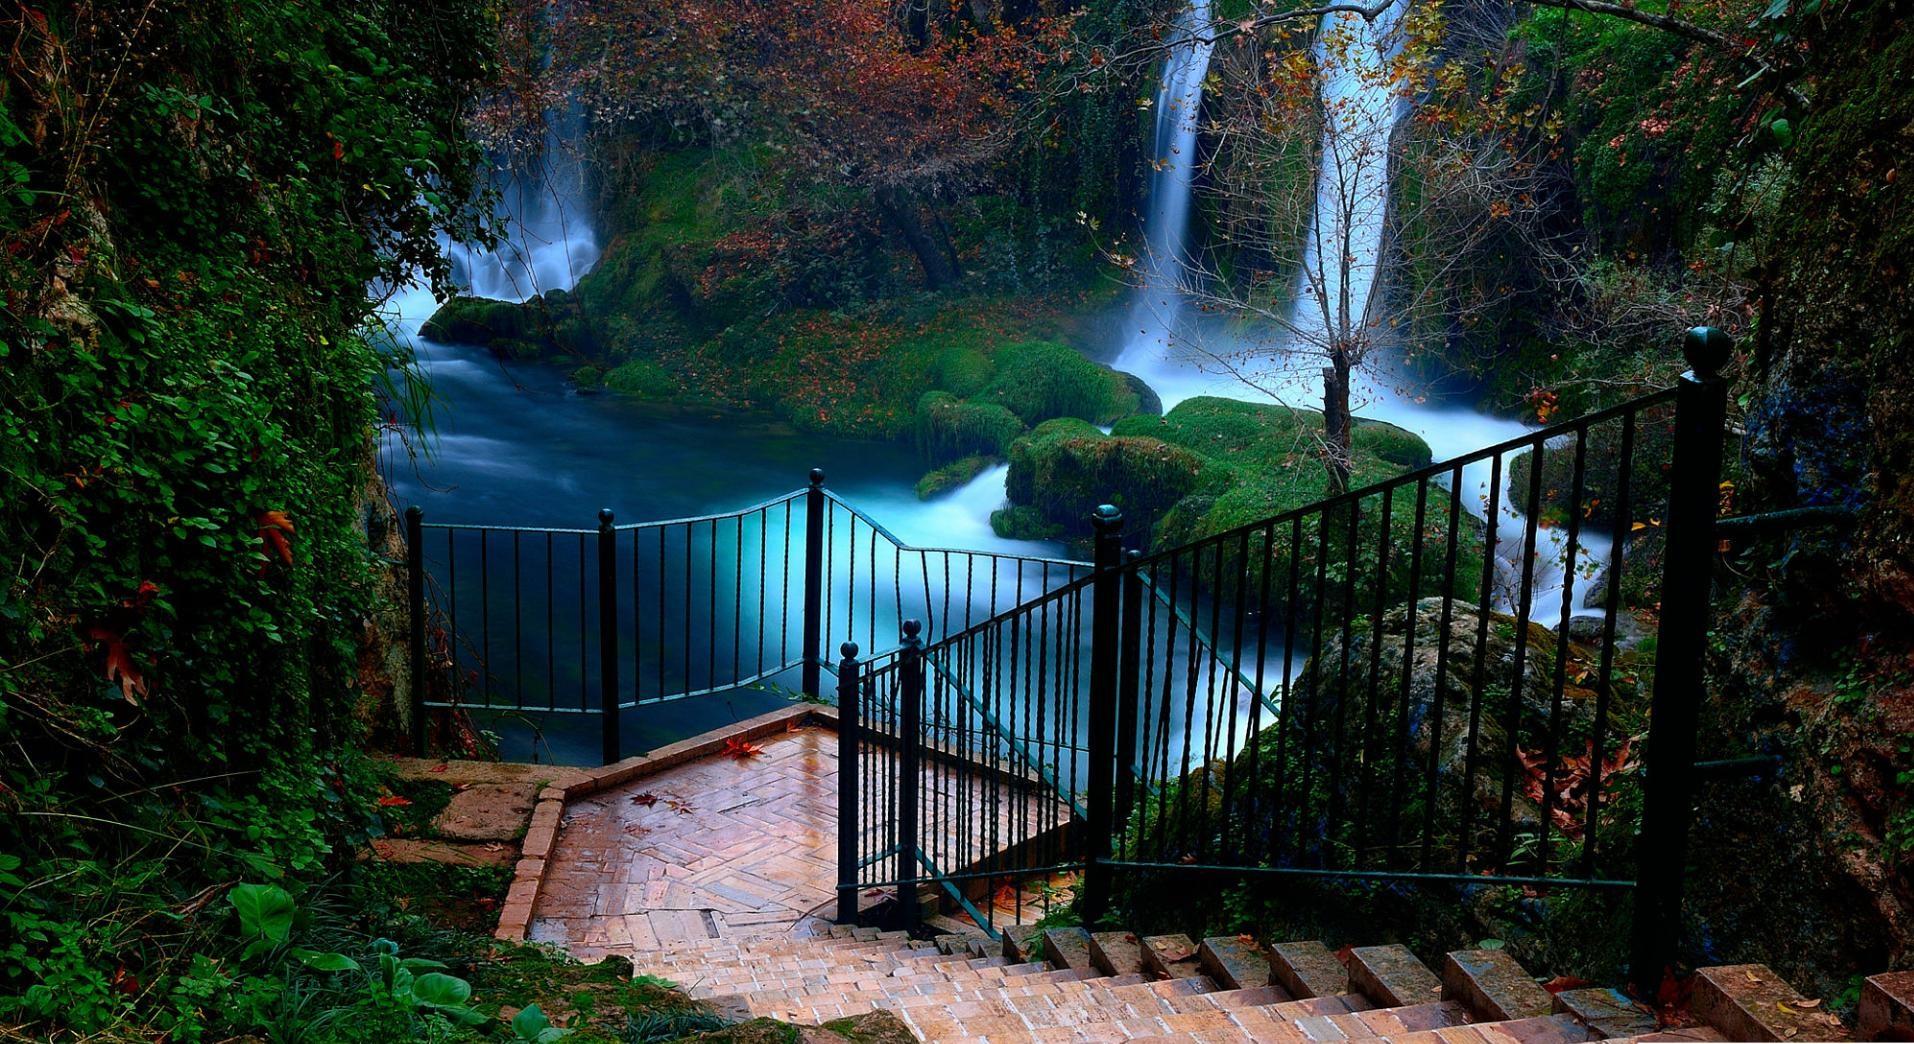 آبشارهای دودن آنتالیا را نزدیک ببینید